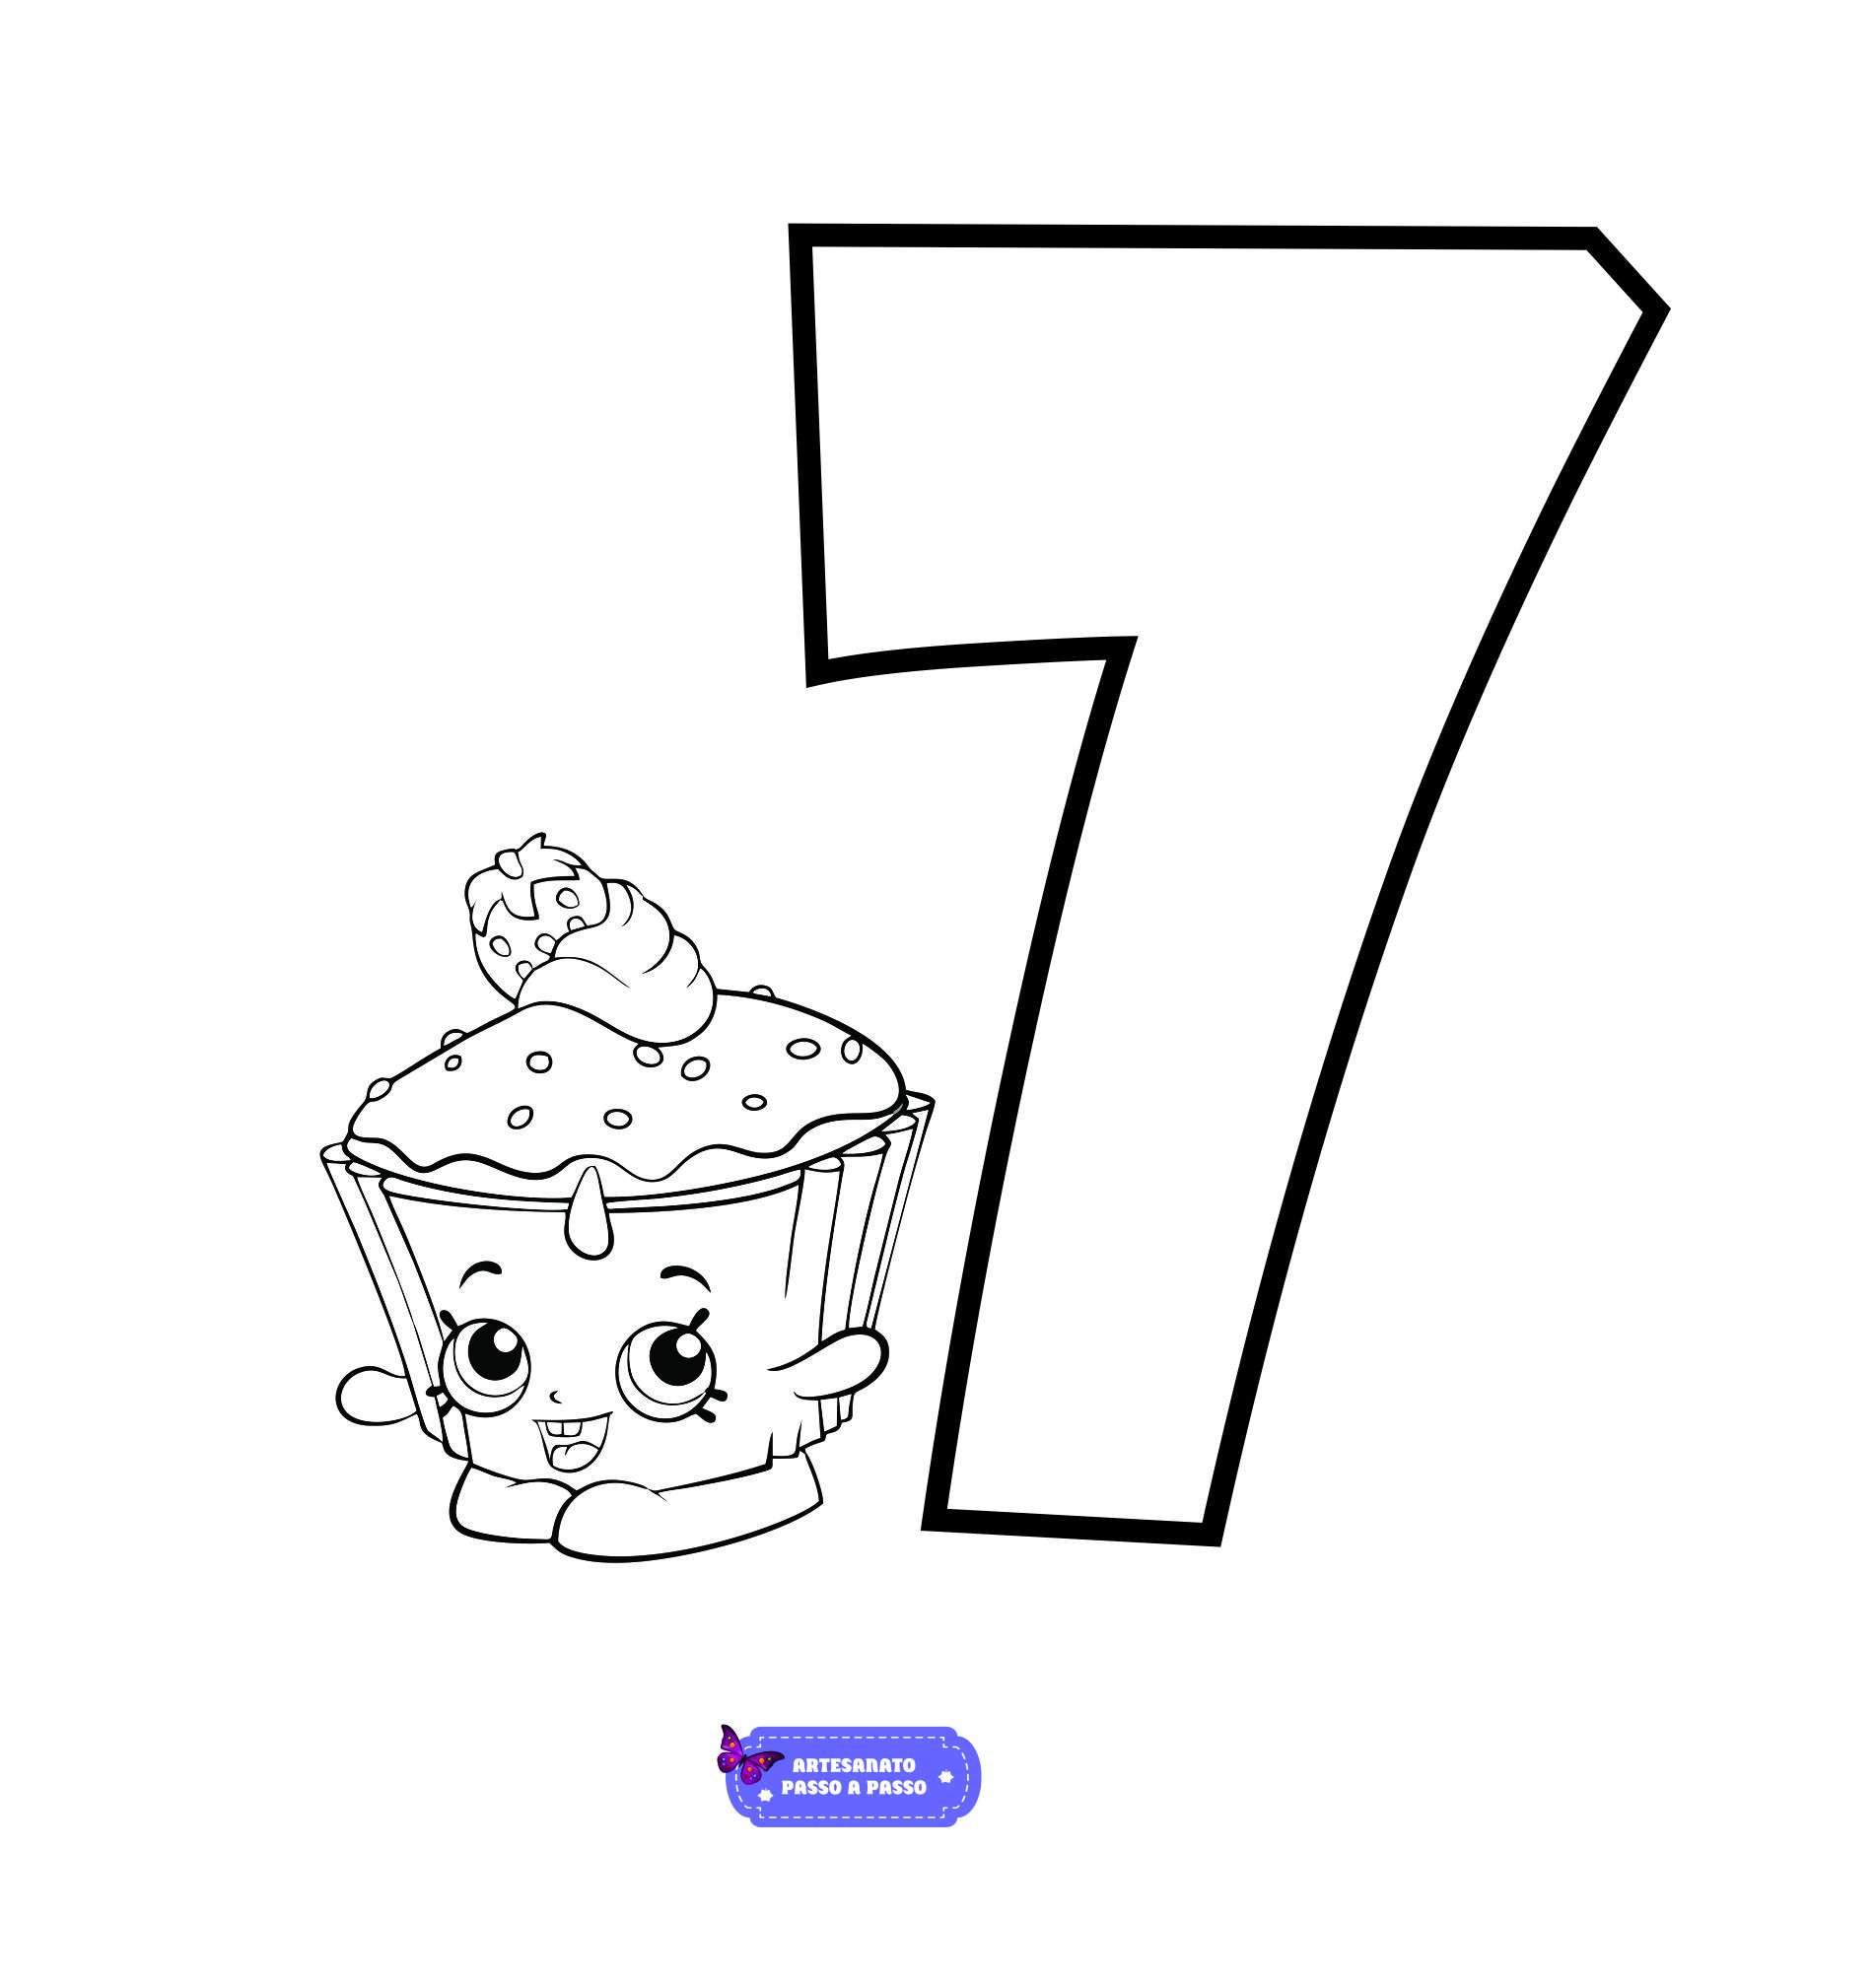 numeros para colorir com desenho